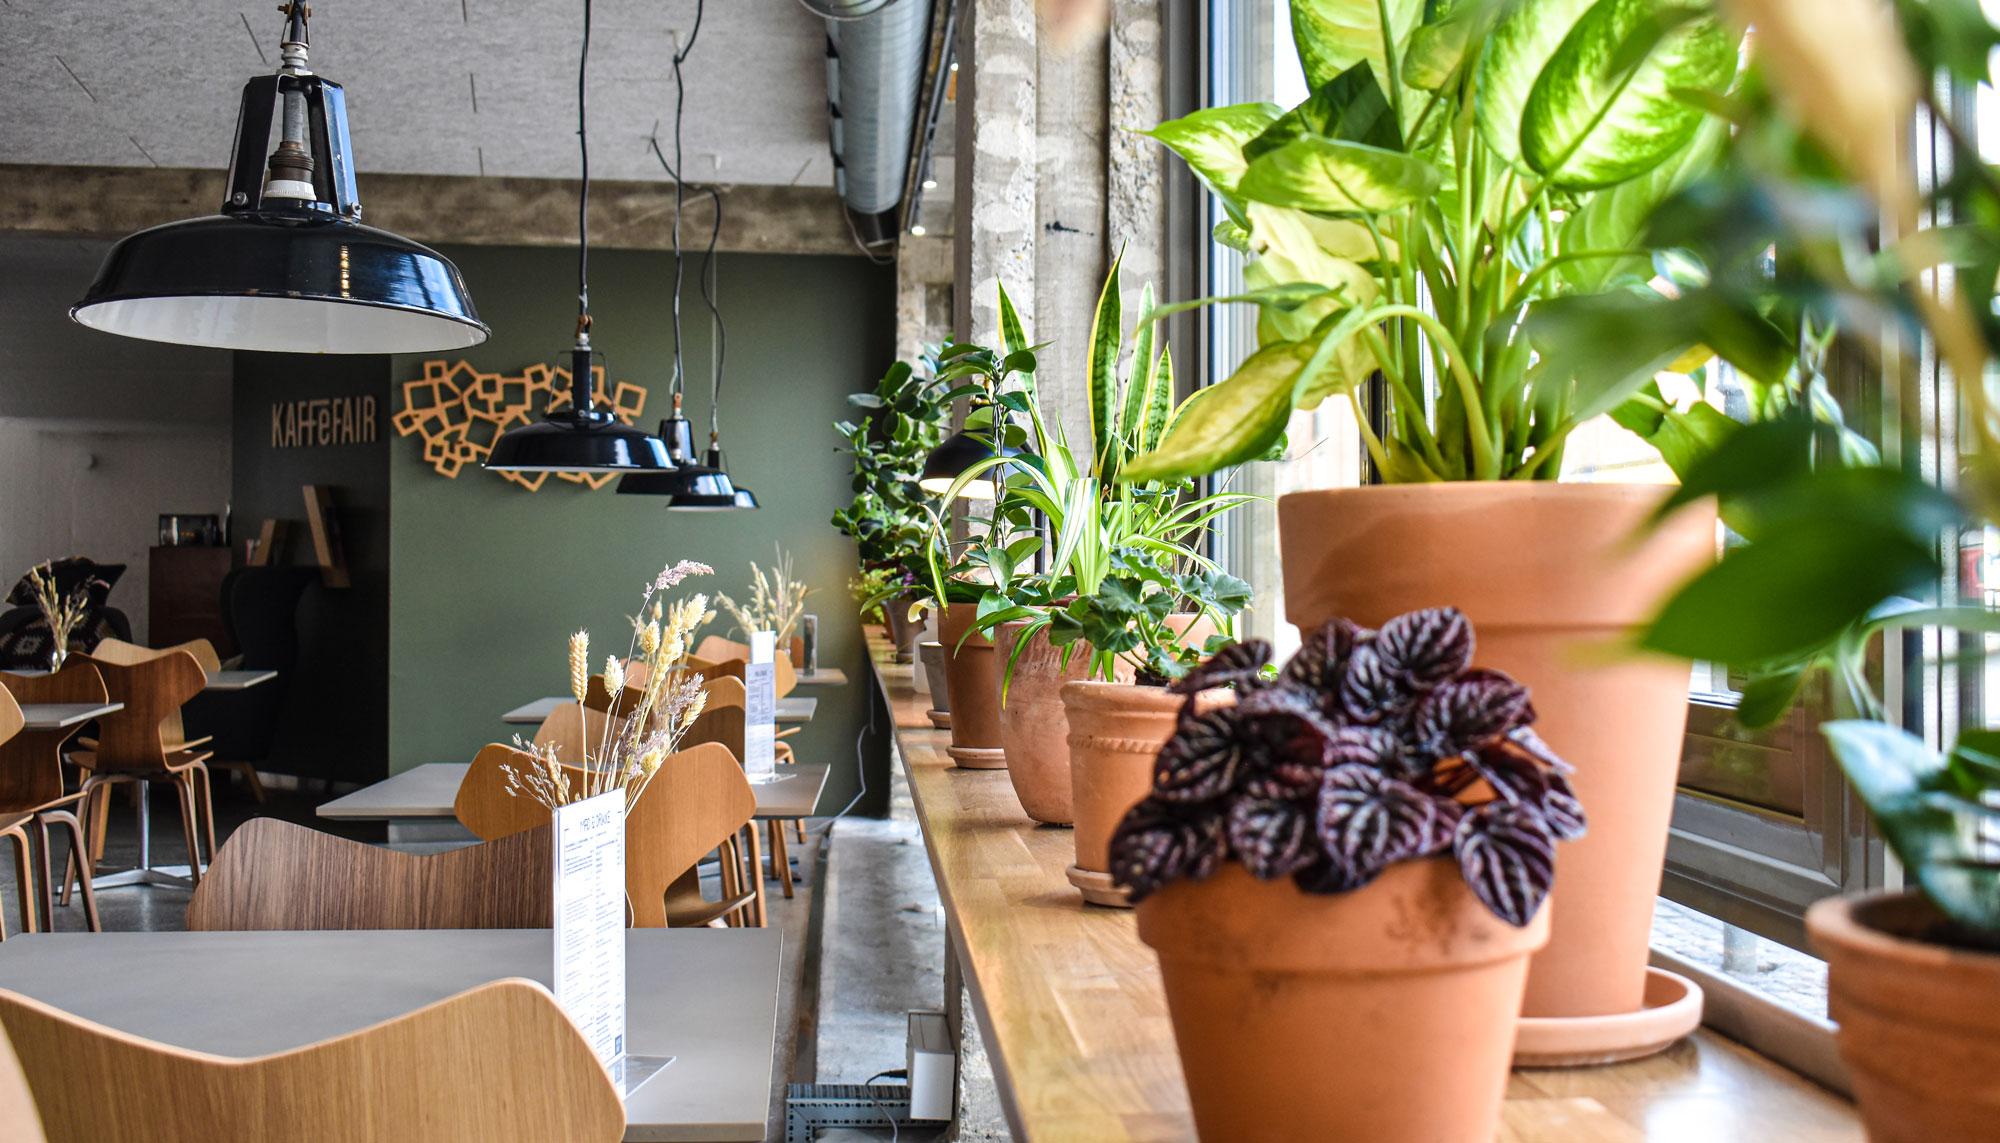 Tapas, folkemenu og ny værtinde: KaffeFair Strandvejen er klar til genåbning